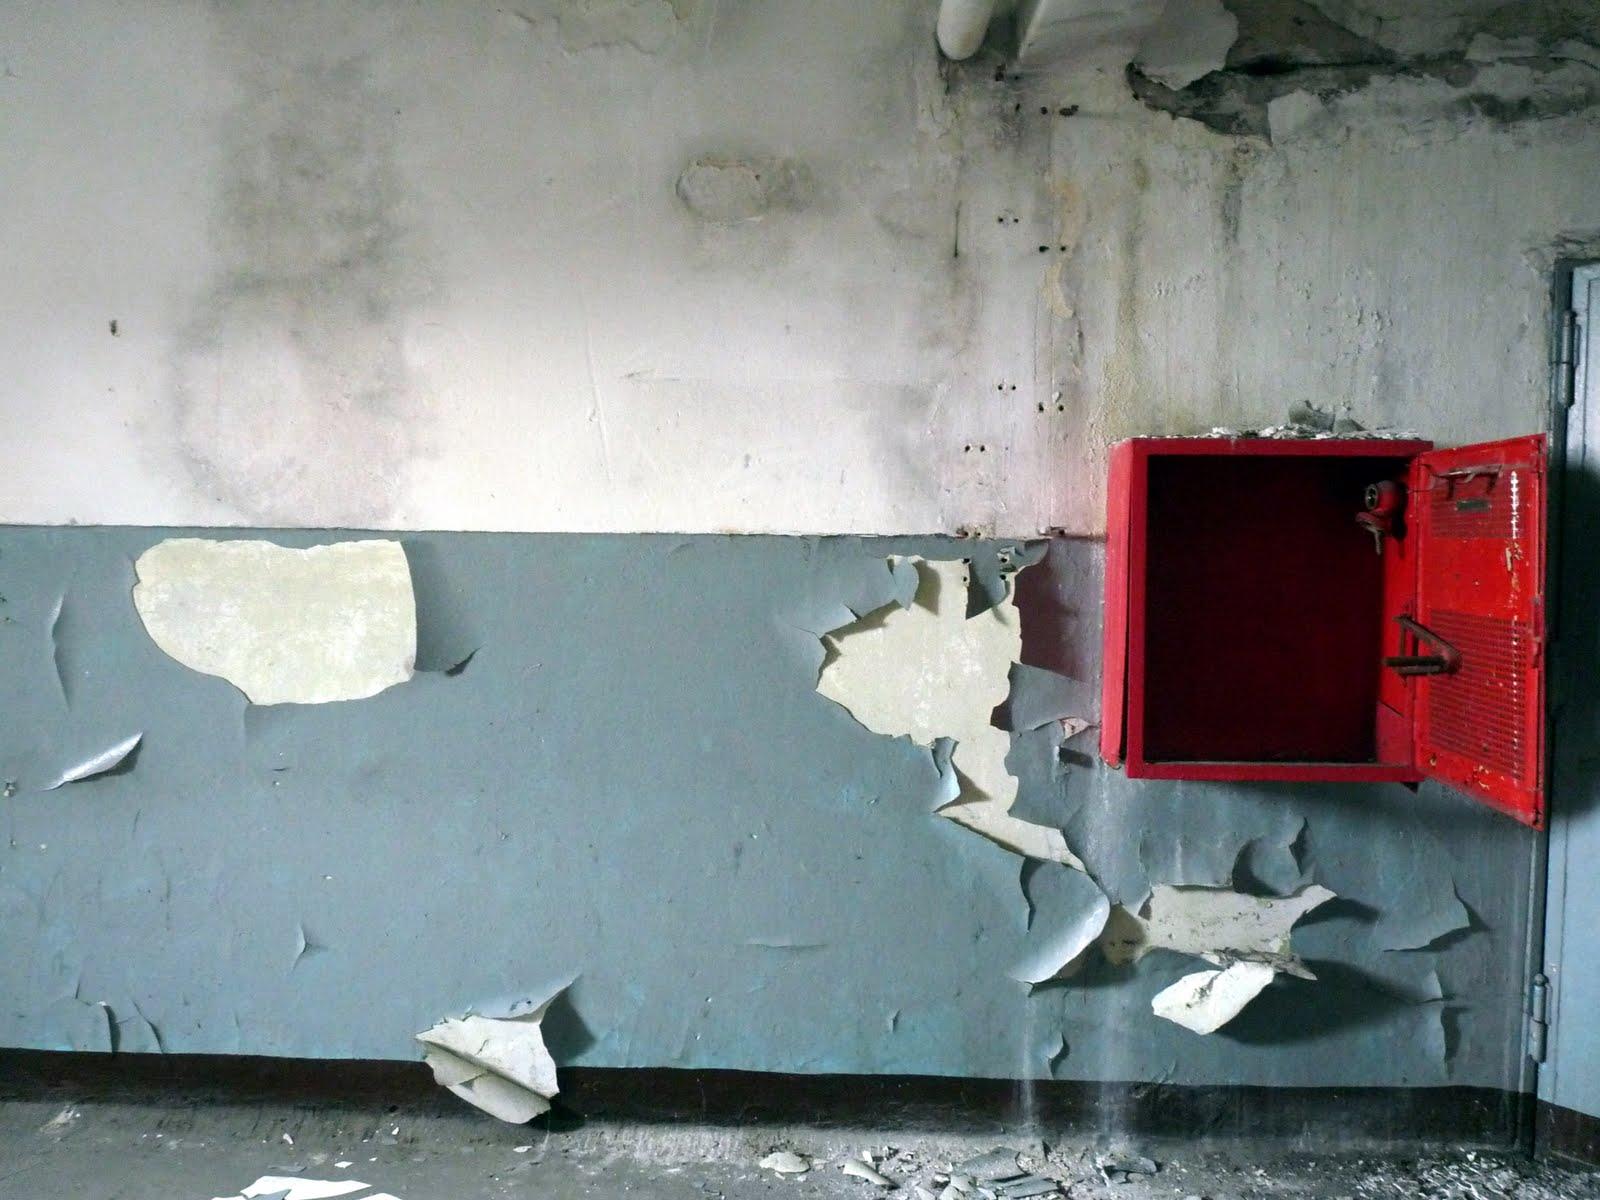 A dark hallway, broken glass,